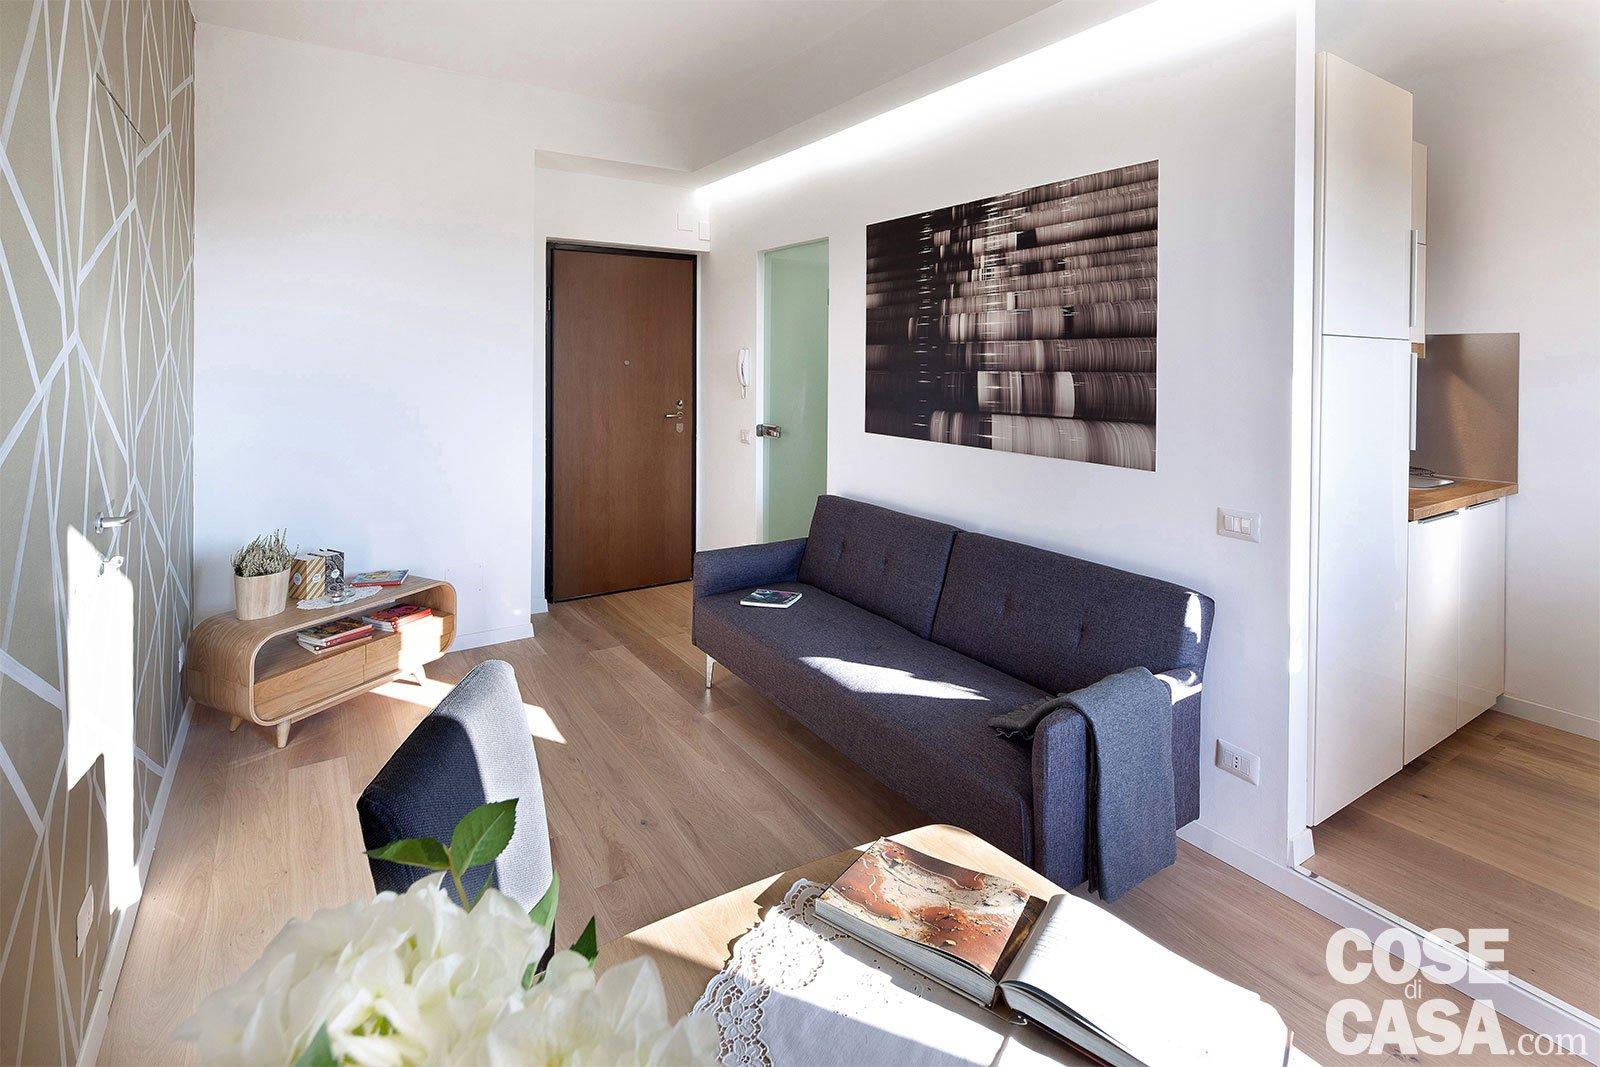 Bilocale di 40 mq casa mini comfort maxi cose di casa for Ad giornale di arredamento